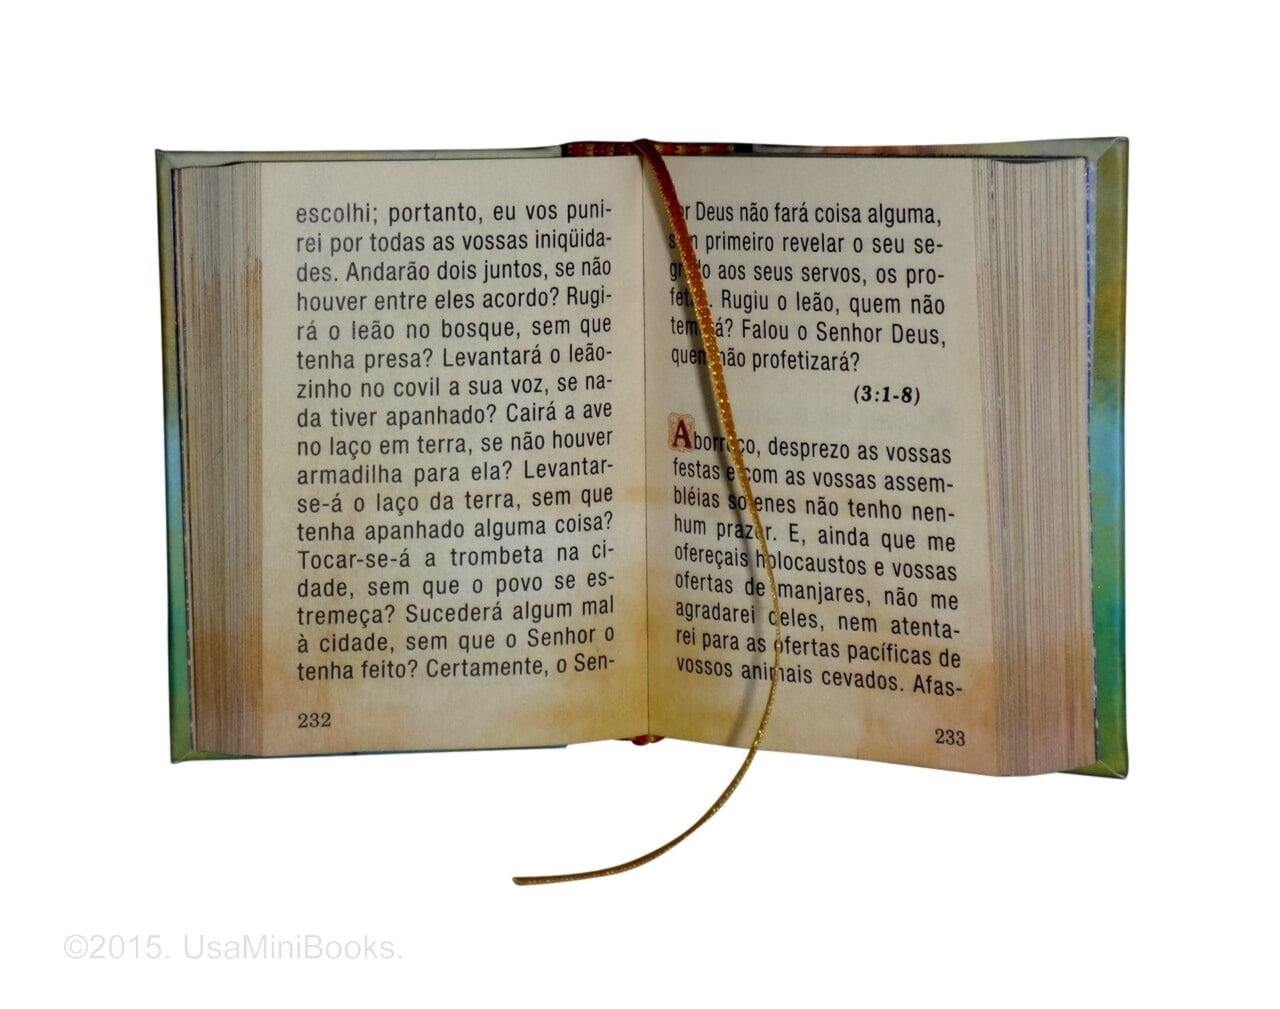 encinas_da_biblia_1-miniature-book-libro